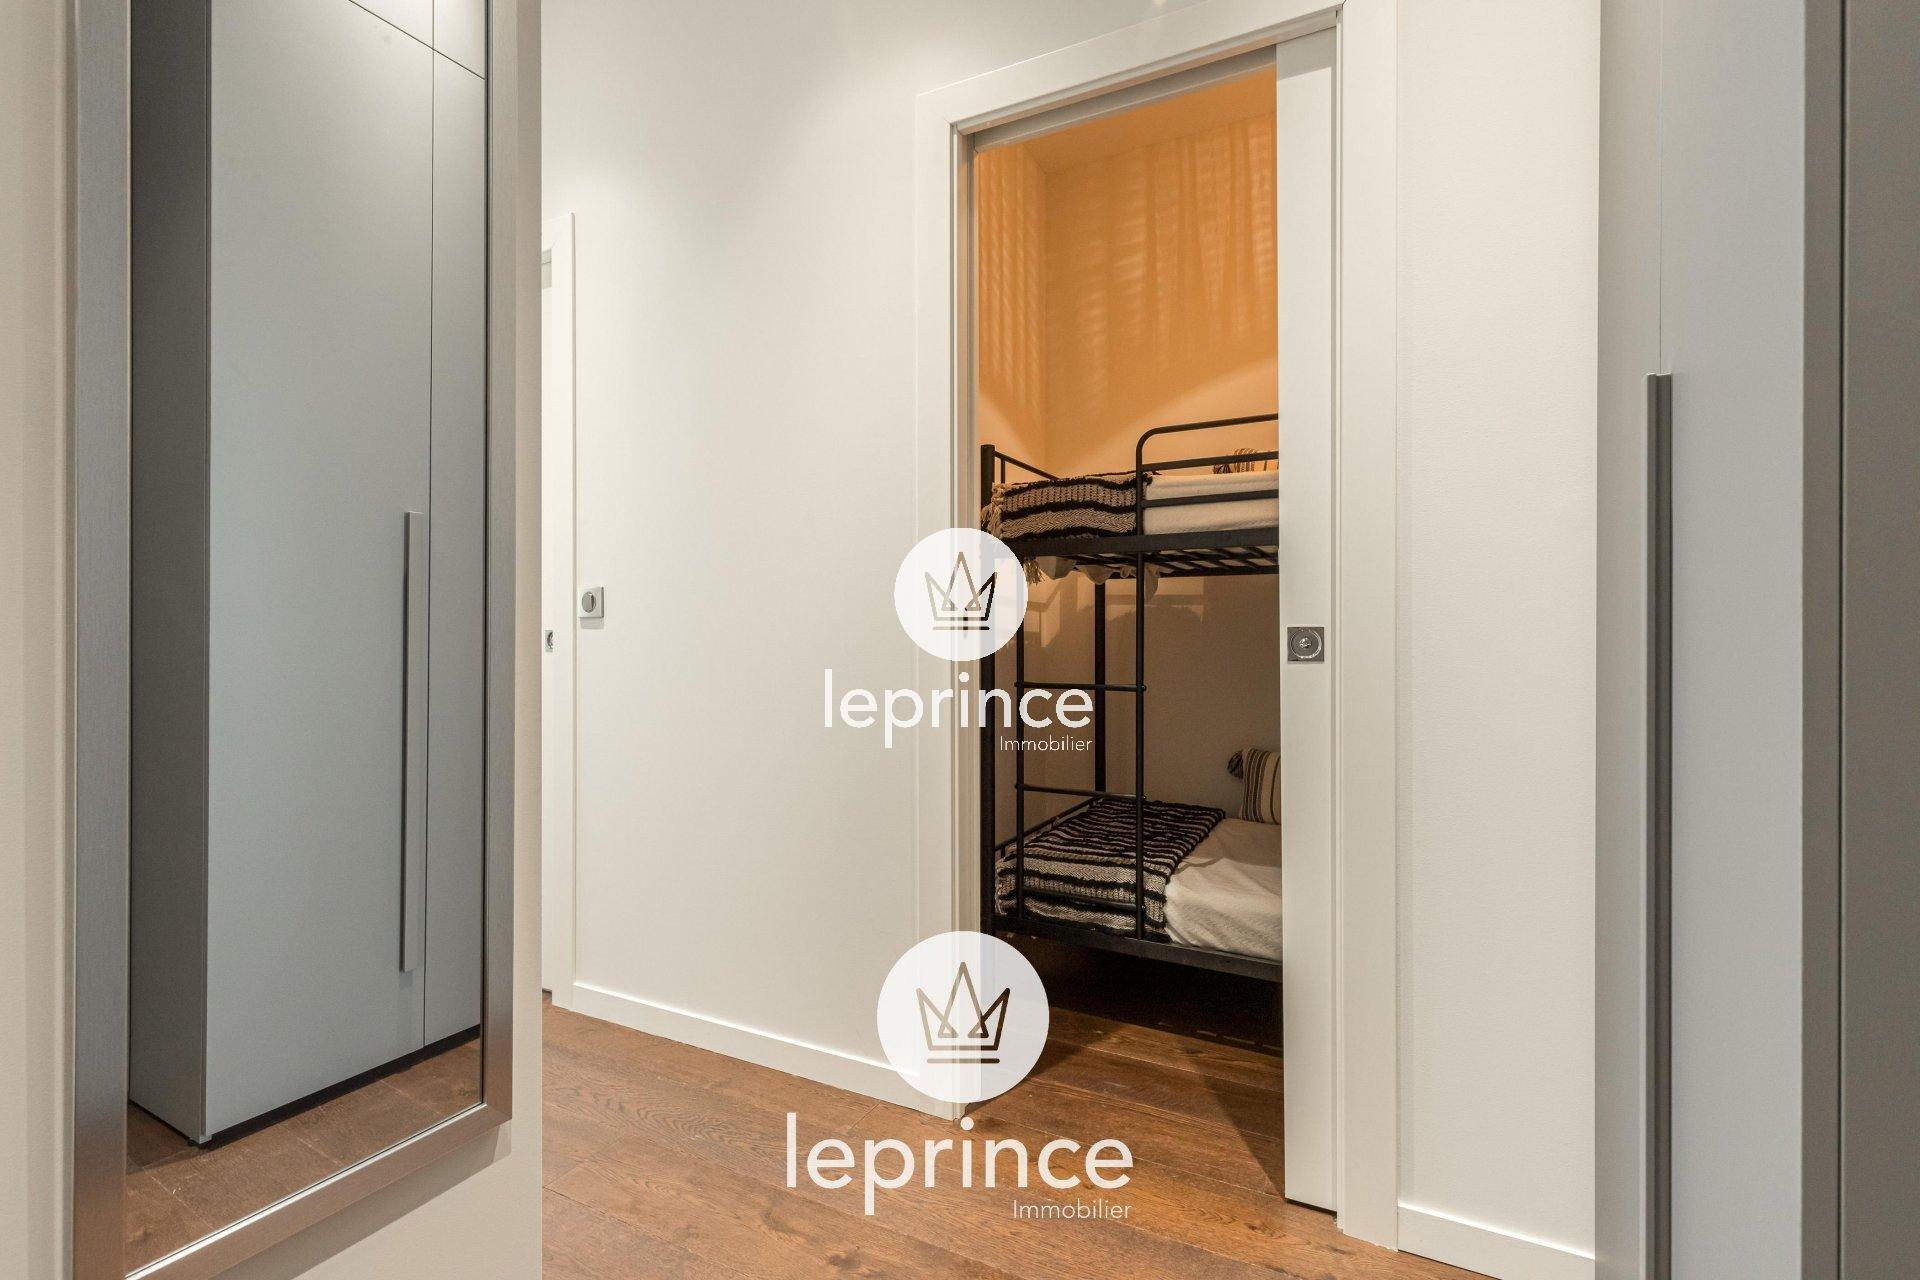 Nice Carré d'or - Grimaldi - 2/3 Rooms Mezzanine